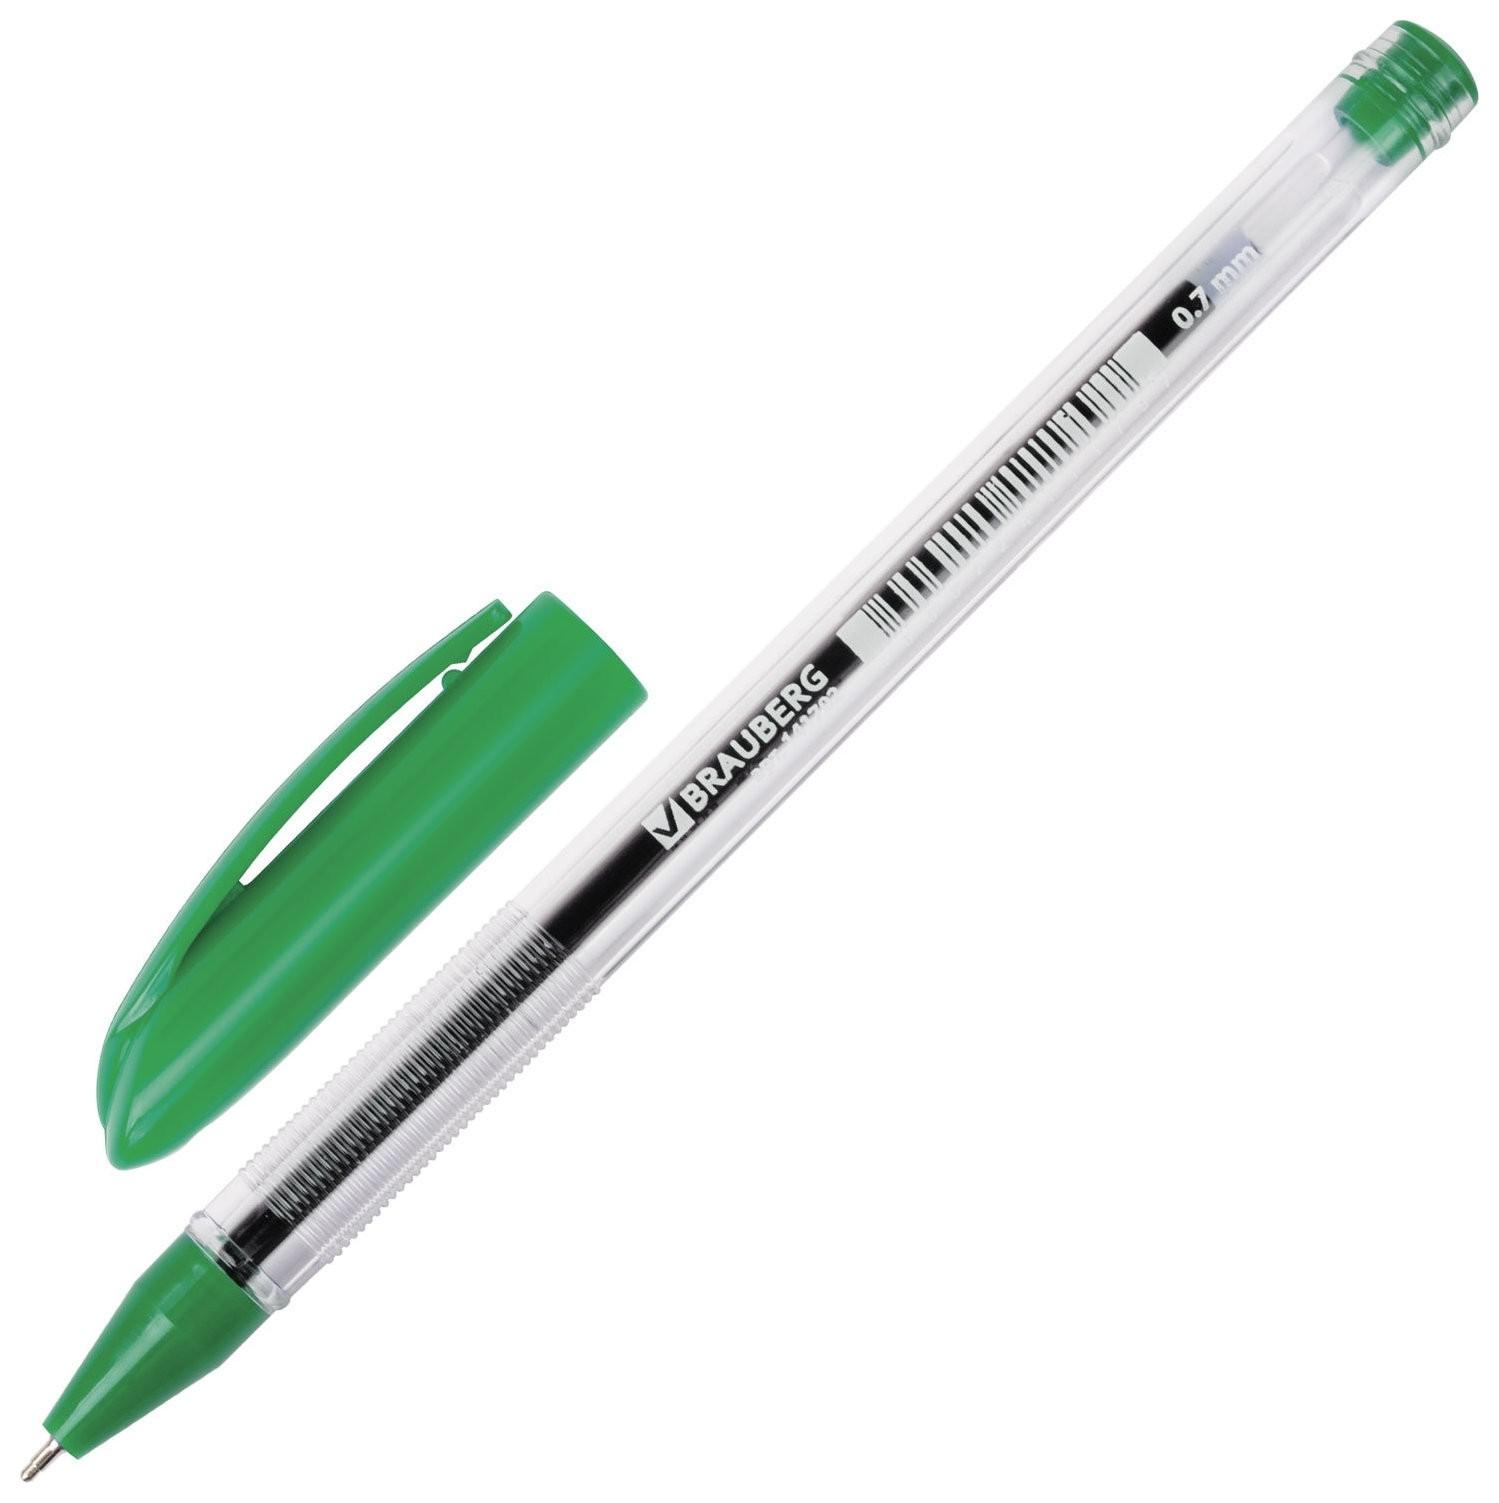 """Ручка шариковая масляная Brauberg """"Rite-oil"""", зеленая, корпус прозрачный, узел 0,7 мм, линия письма 0,35 мм  Brauberg"""